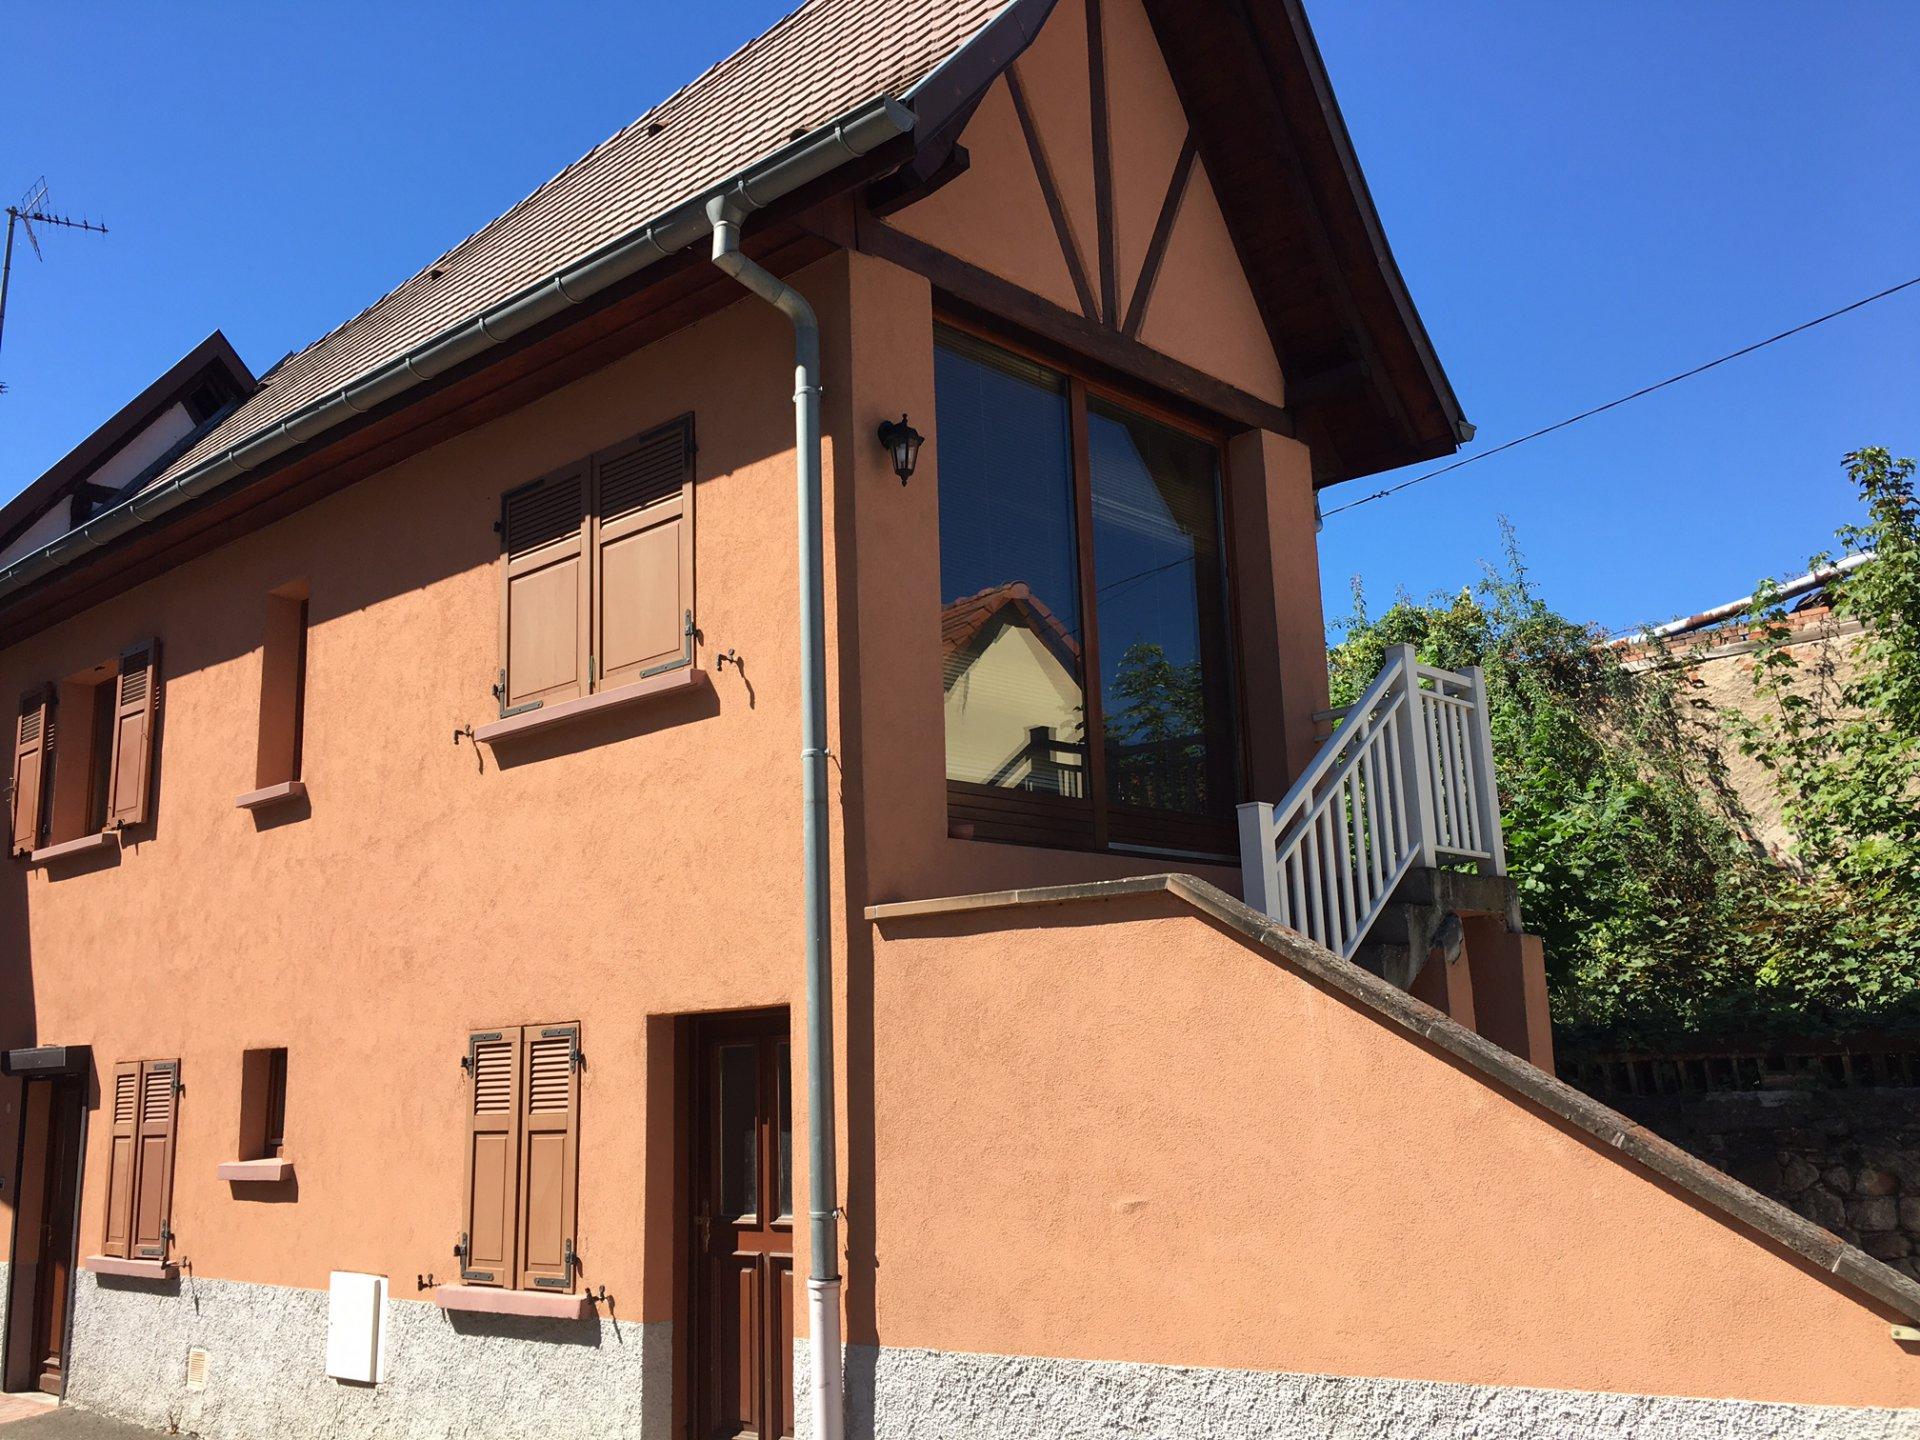 Plan maison atypique simple le volume de la maison inclus for Maison atypique 94